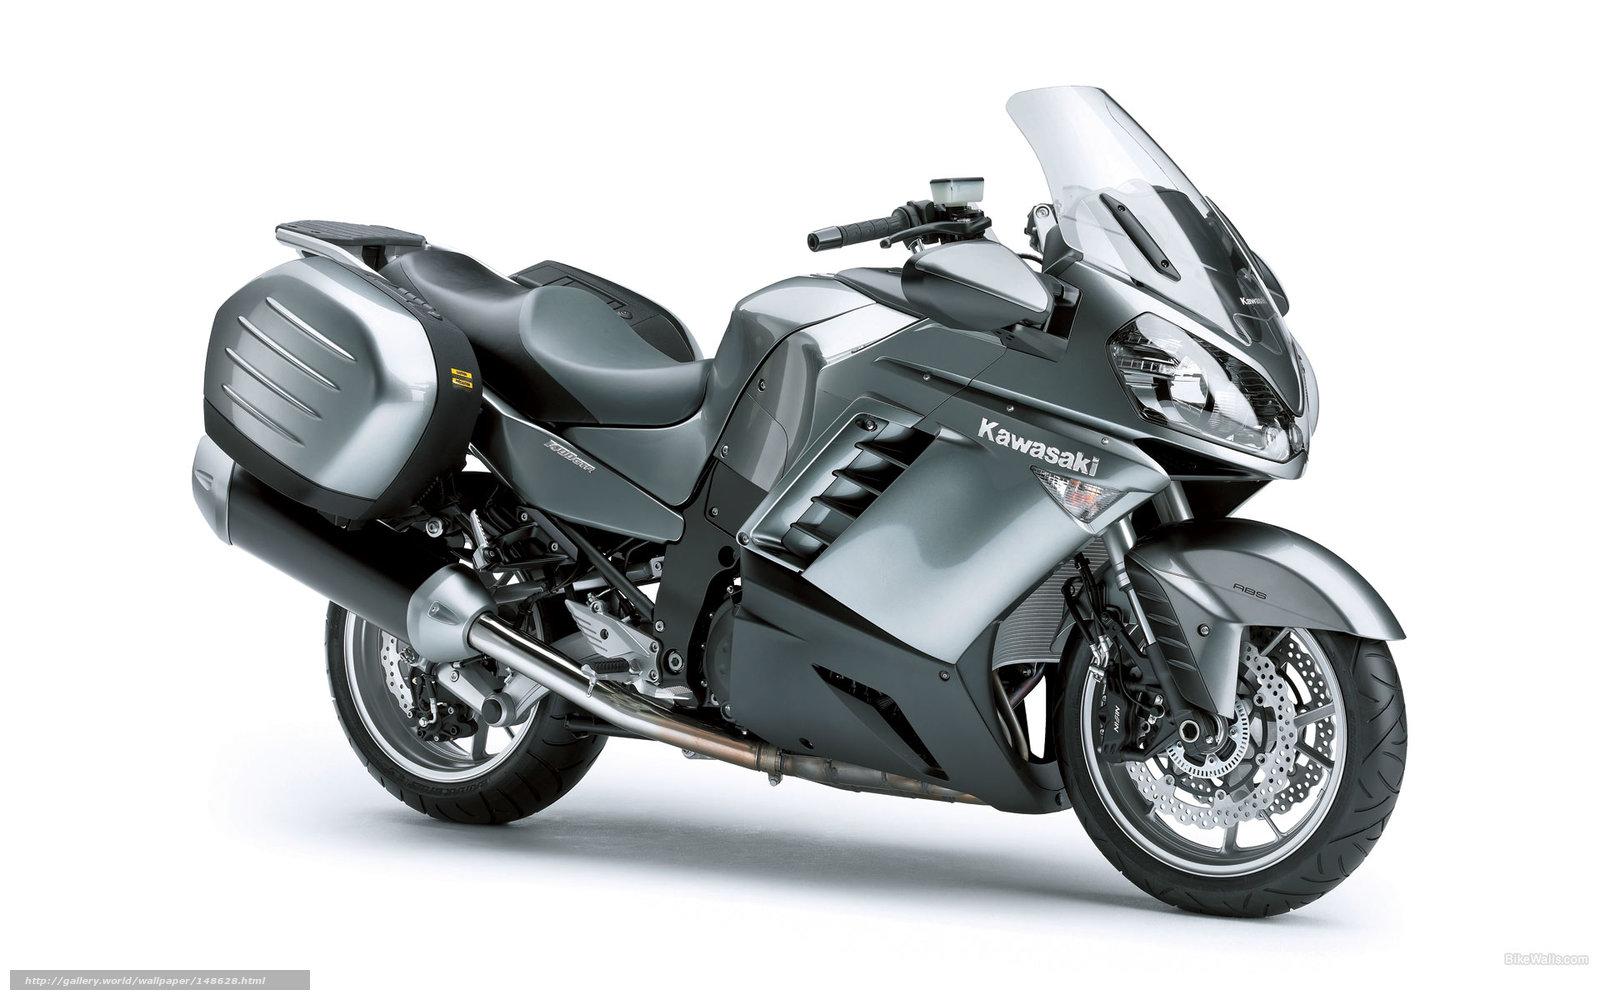 scaricare gli sfondi Kawasaki,  Tourer,  1400 GTR,  1400 GTR 2009 Sfondi gratis per la risoluzione del desktop 1920x1200 — immagine №148628